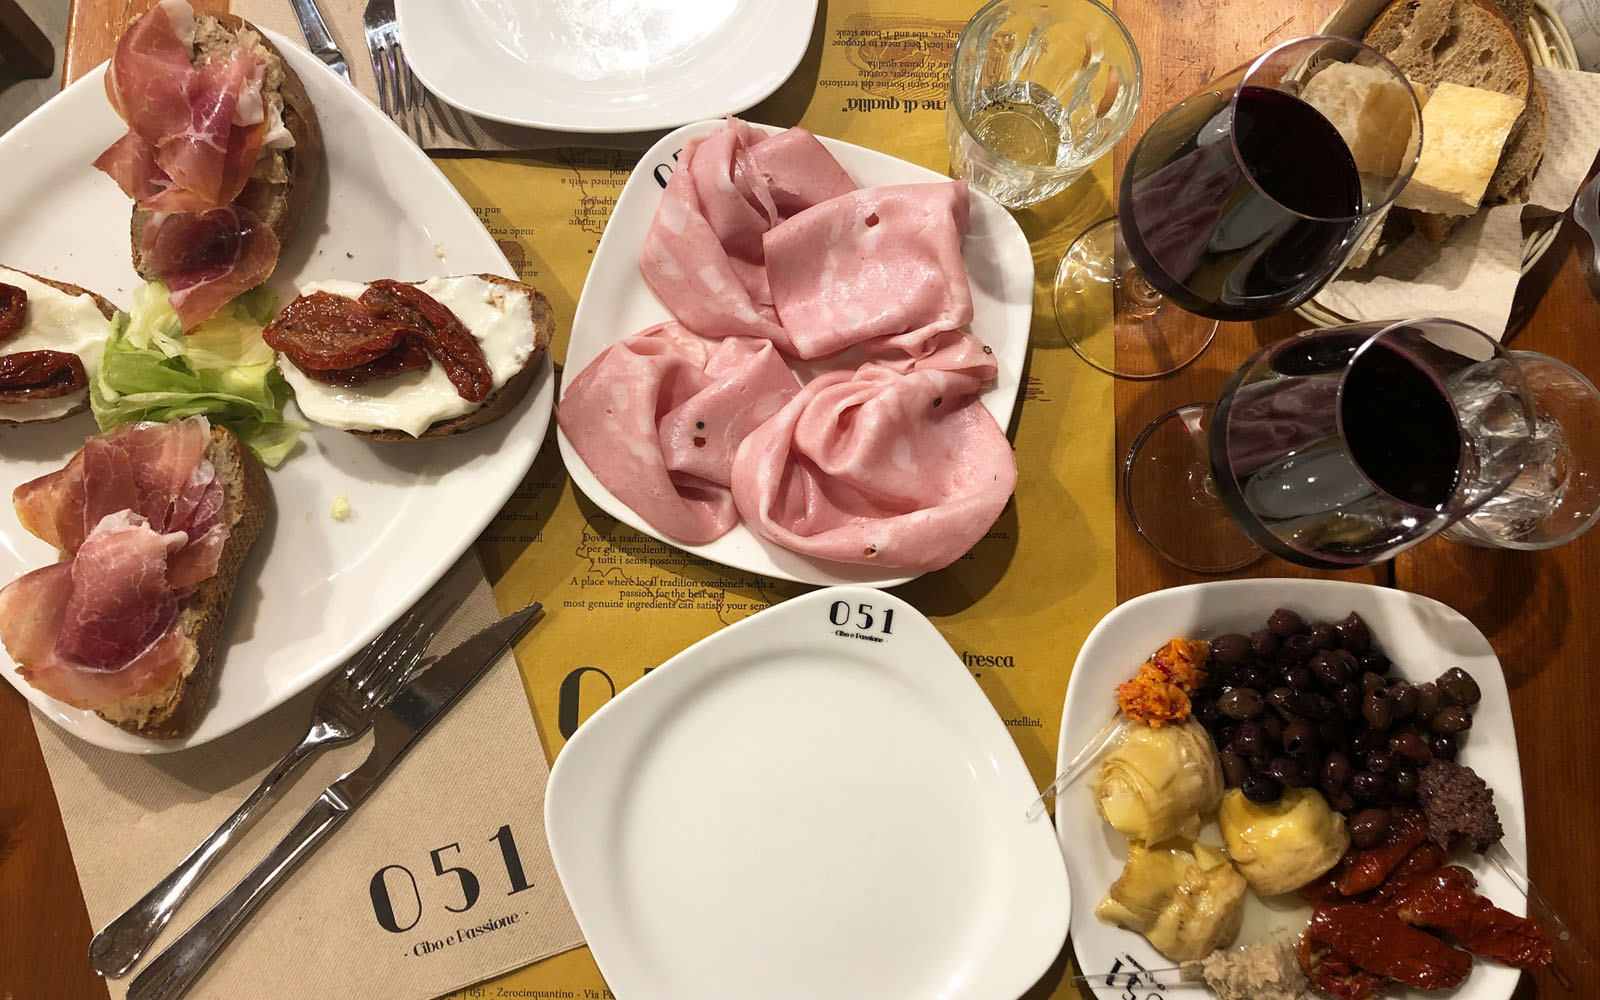 Gli antipasti dell'osteria di Bologna Zerocinquantello.